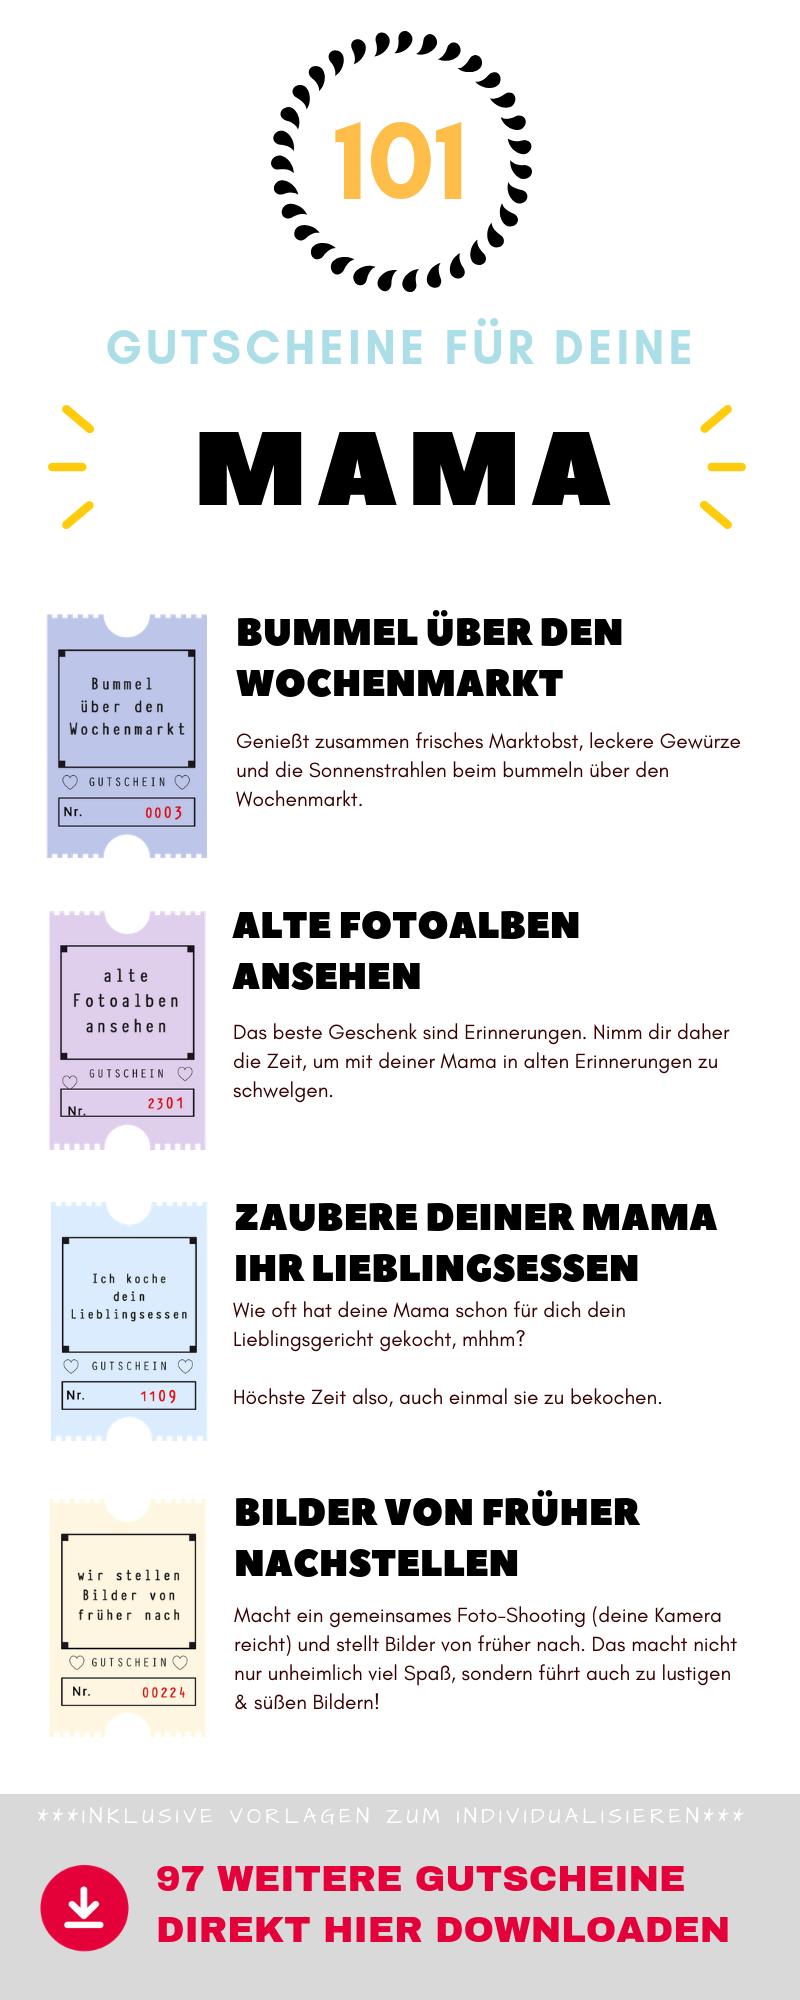 101 Gutscheine Für Deinen Mama - Ideen, Vorlagen Und Tipps